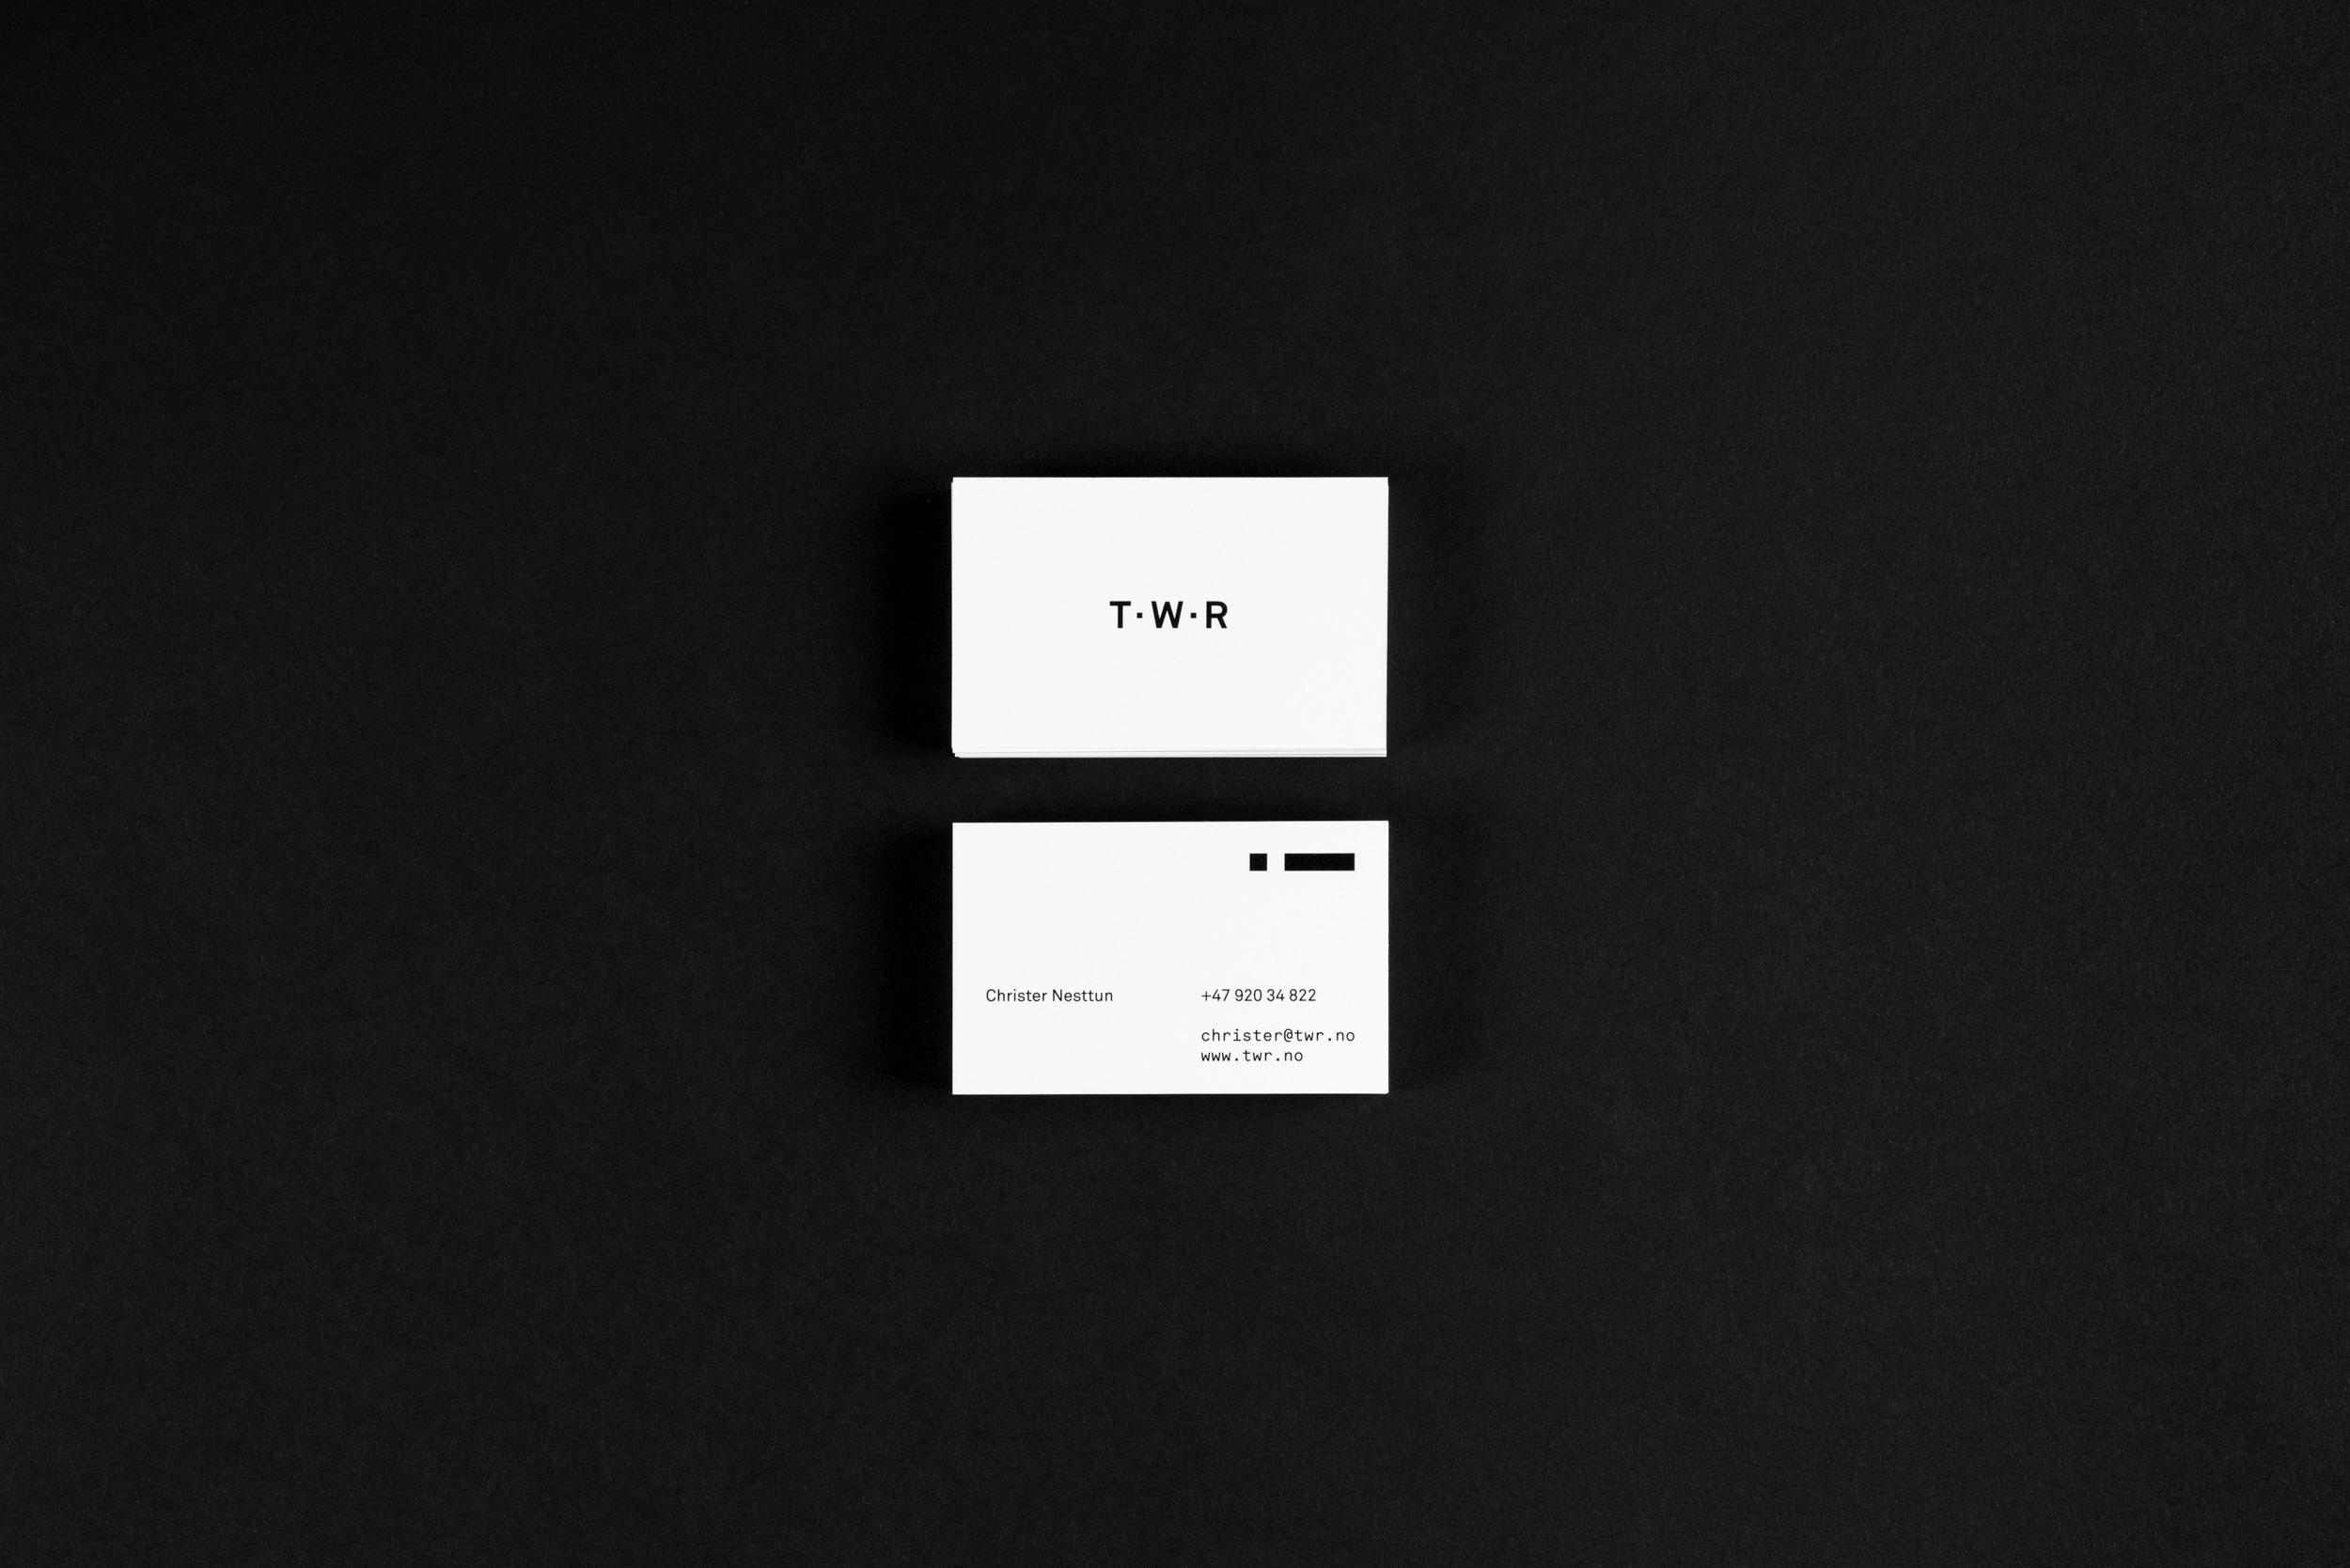 Tower Coworking Branding Studio-3.jpg